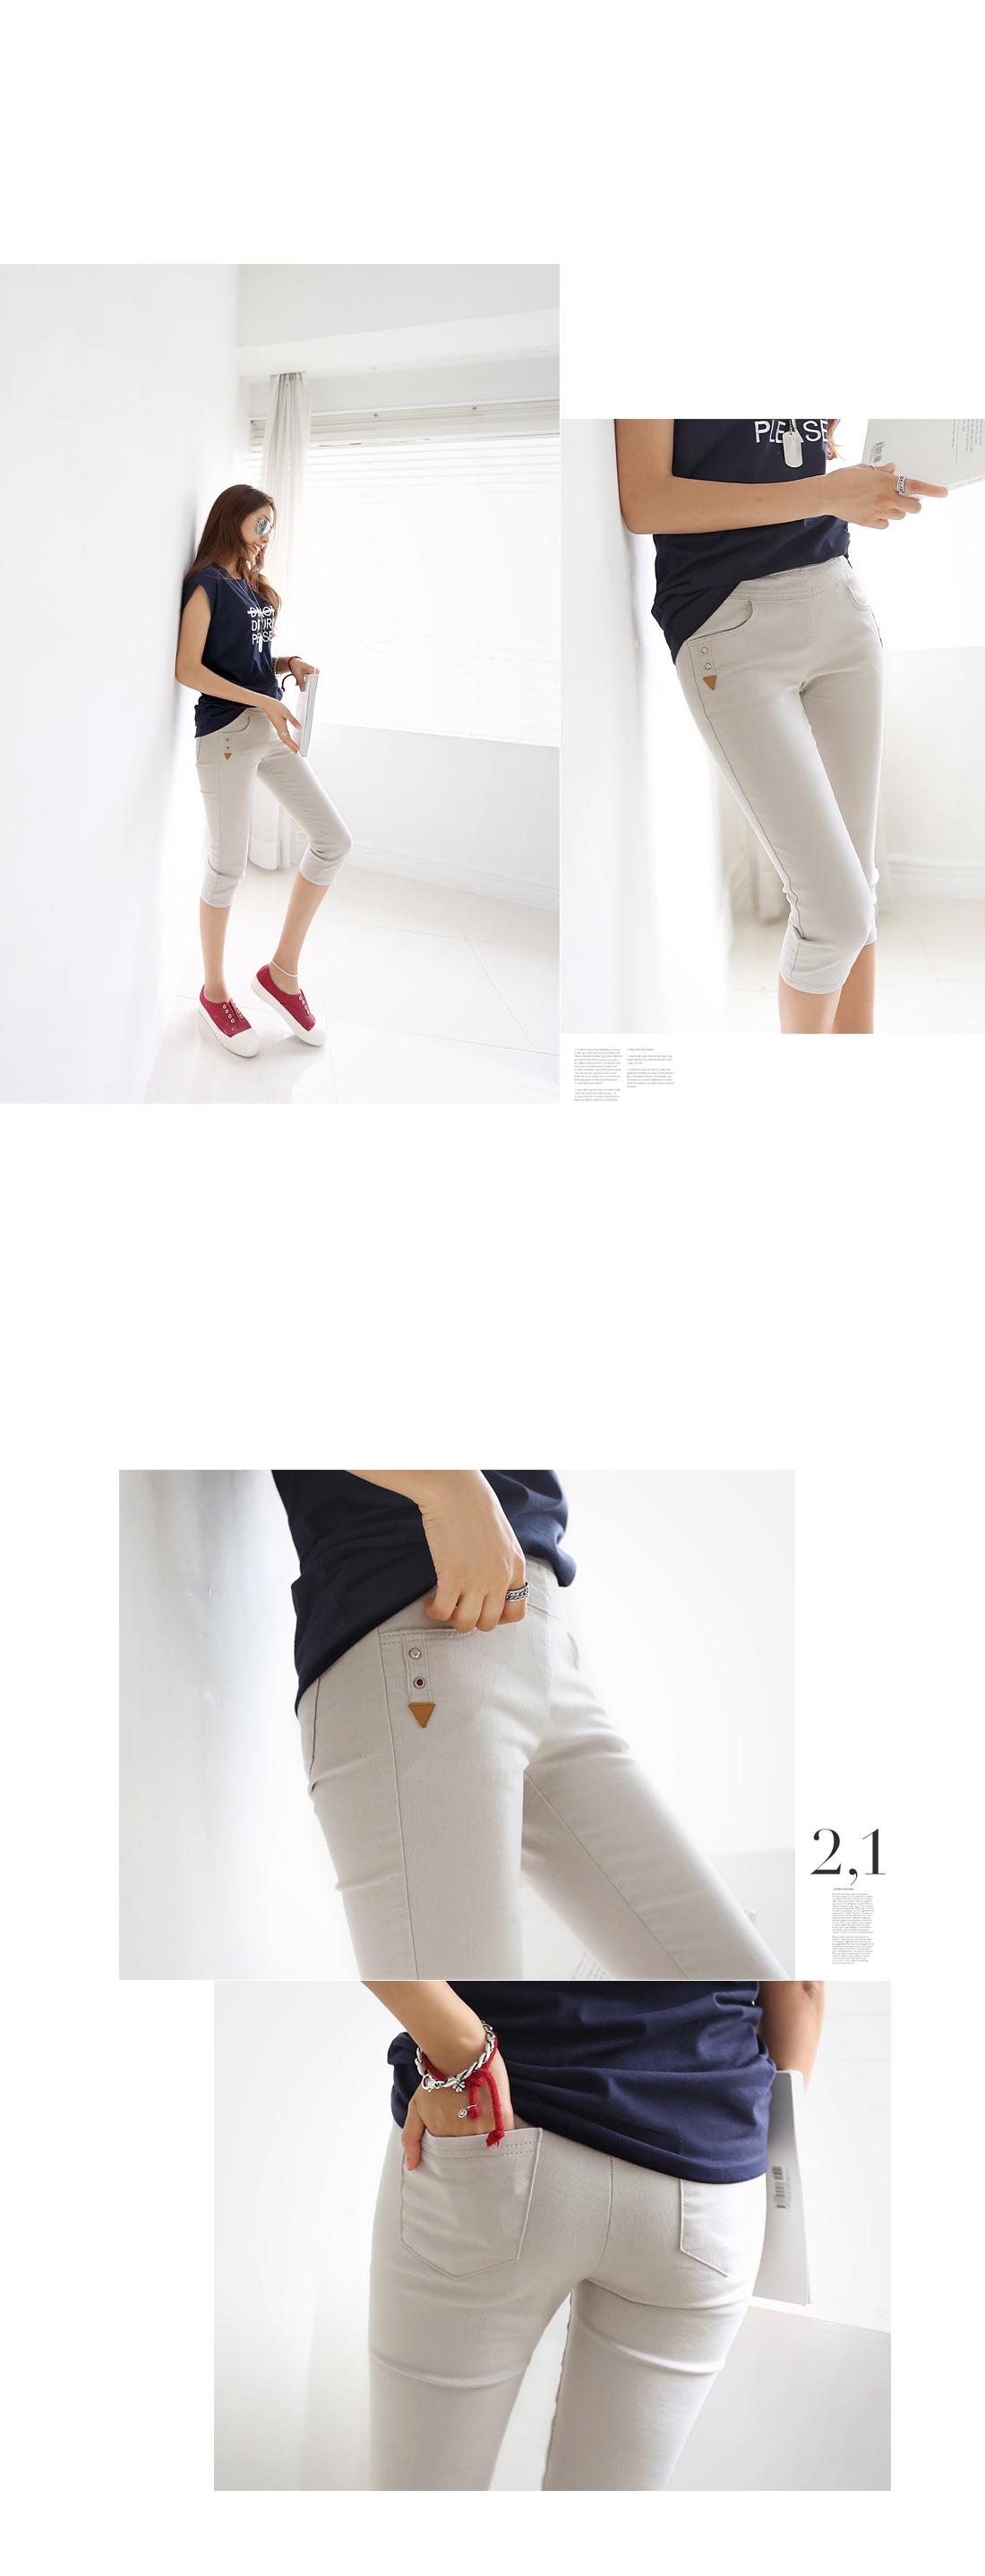 Rodar Patch 7 Pants #72171 Combustion LA M Available